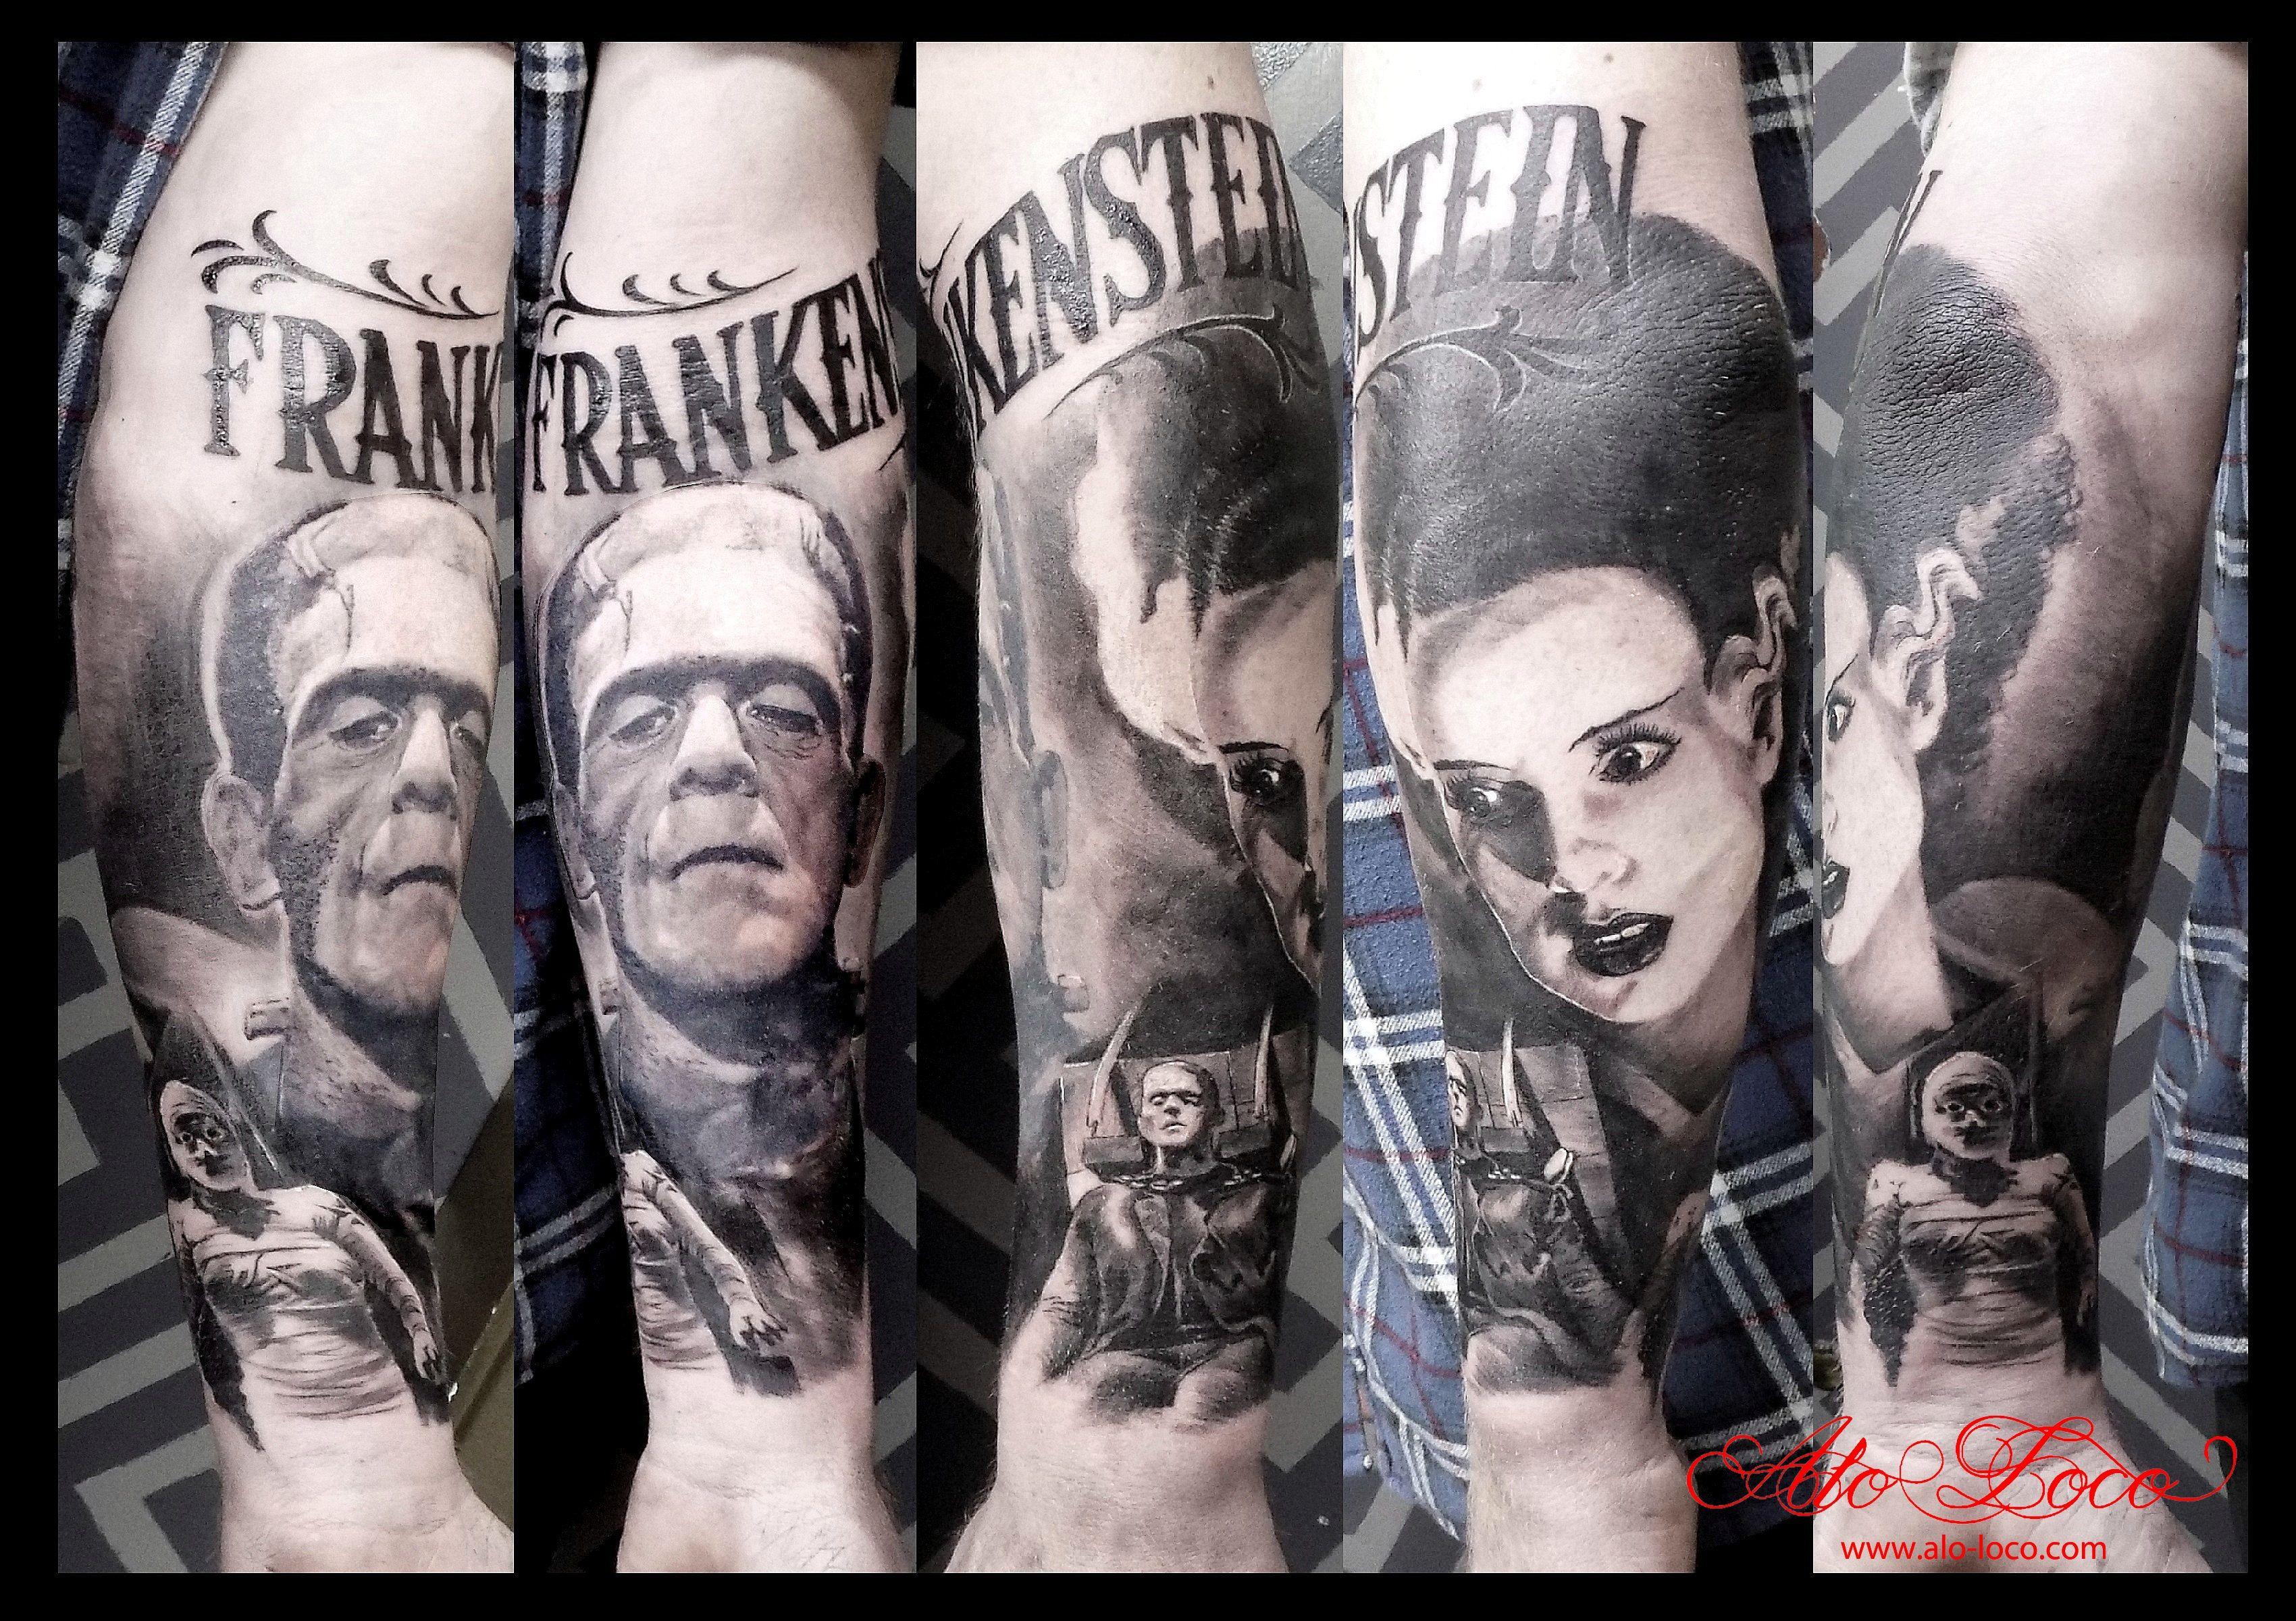 Frankenstein Tattoo Sleeve Movie Frankenstein Tattoo Movie Tattoos Sleeve Tattoos